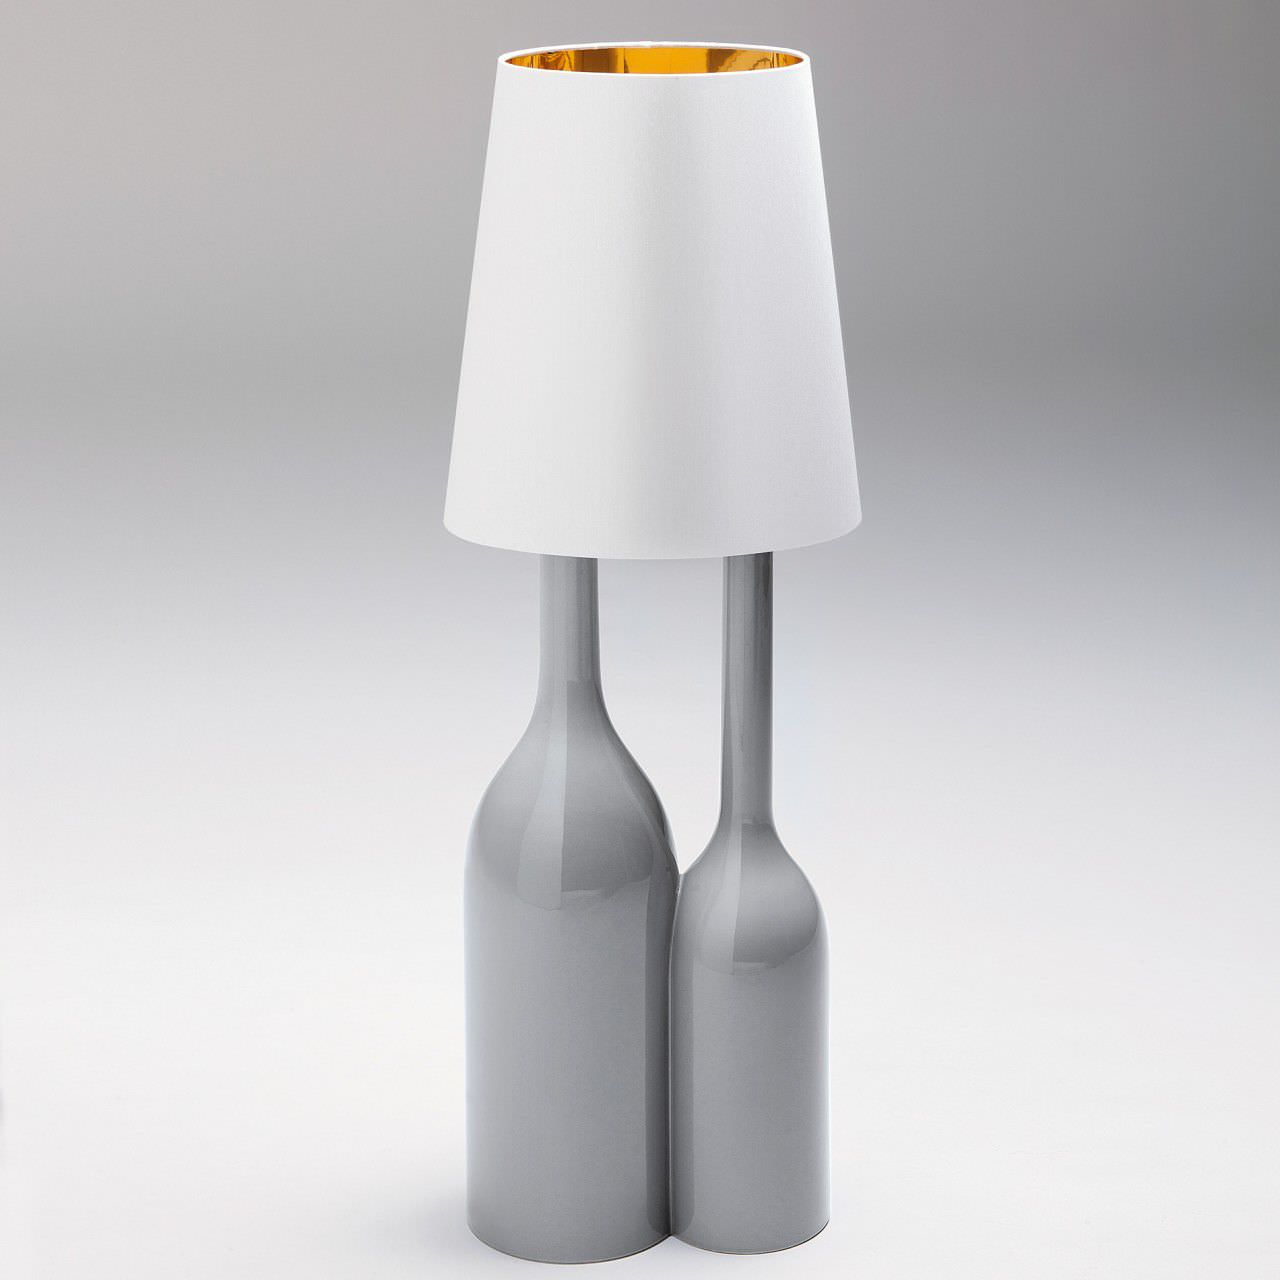 Design Lampade Da Tavolo lampada da tavolo / design originale / in tessuto / in ceramica